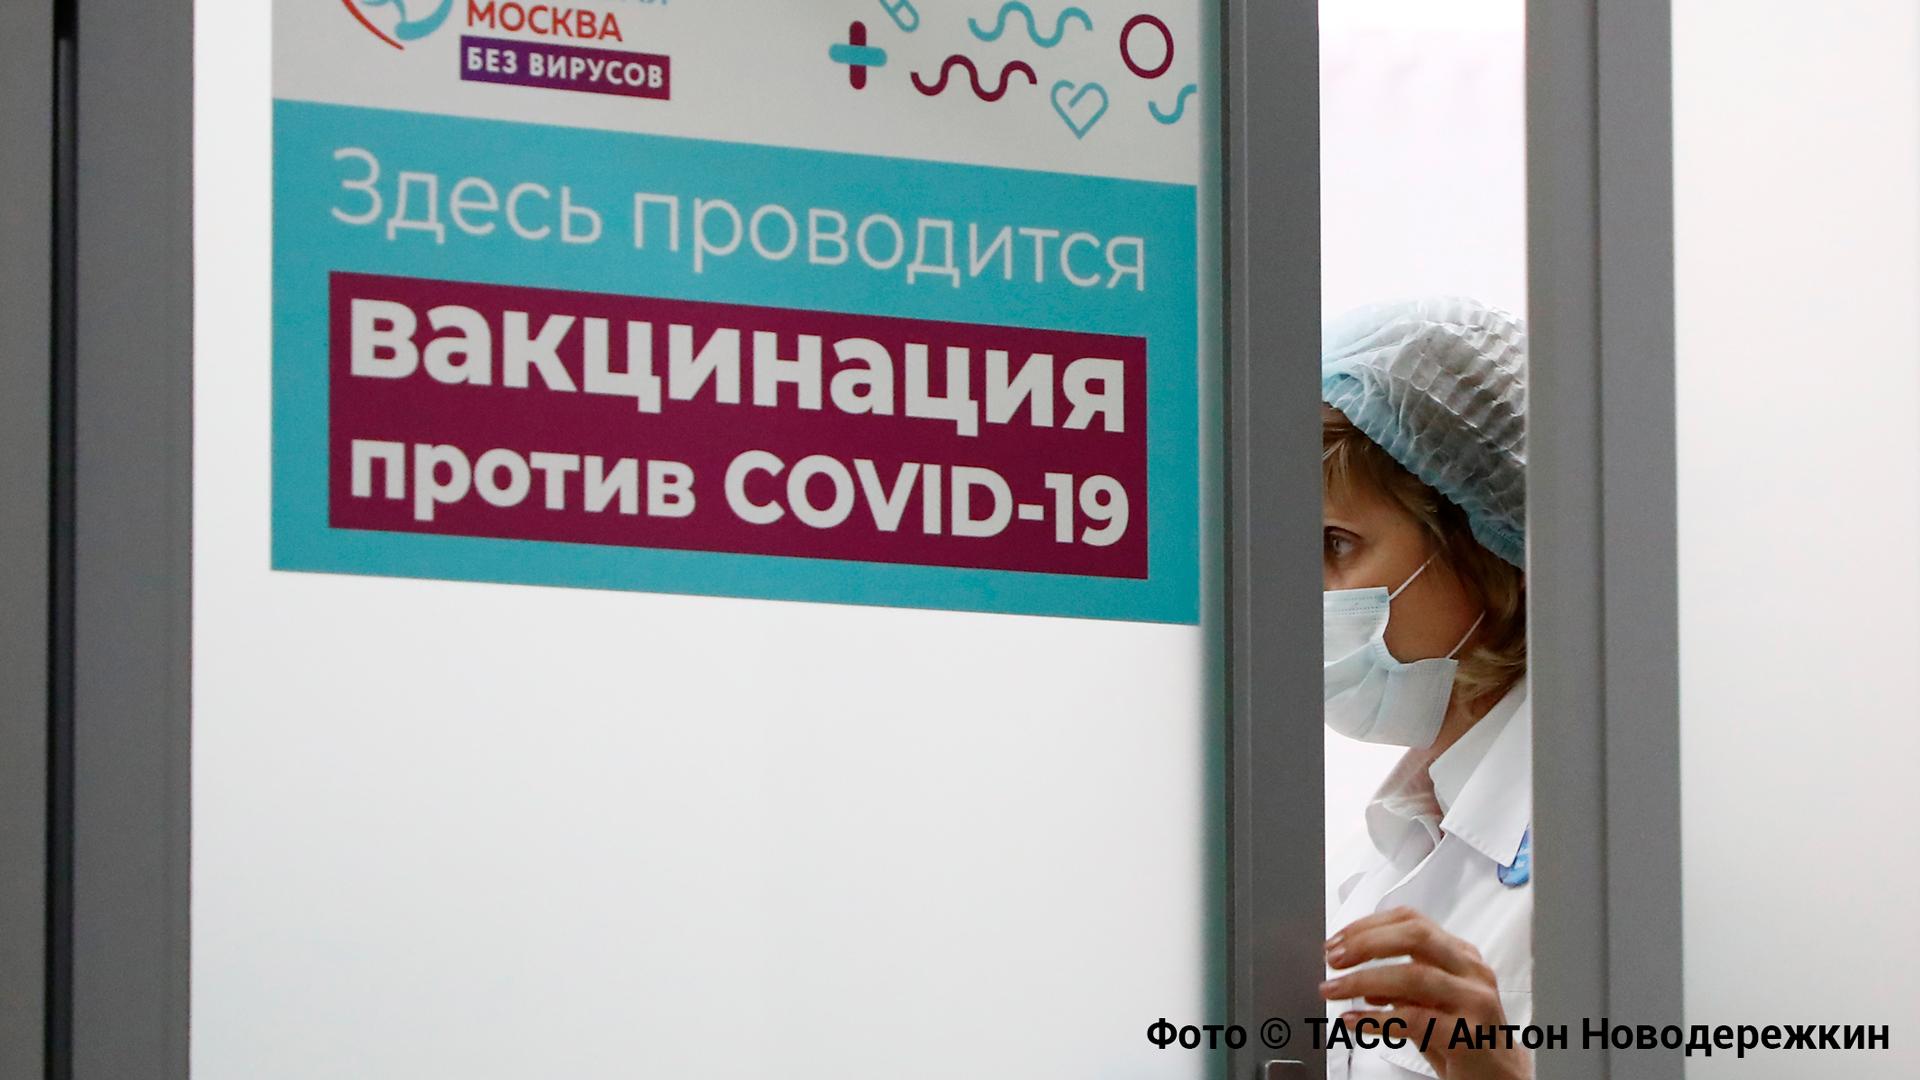 'В России не будет коллективного иммунитета против ковида': Пугающие прогнозы врачей по вакцинации